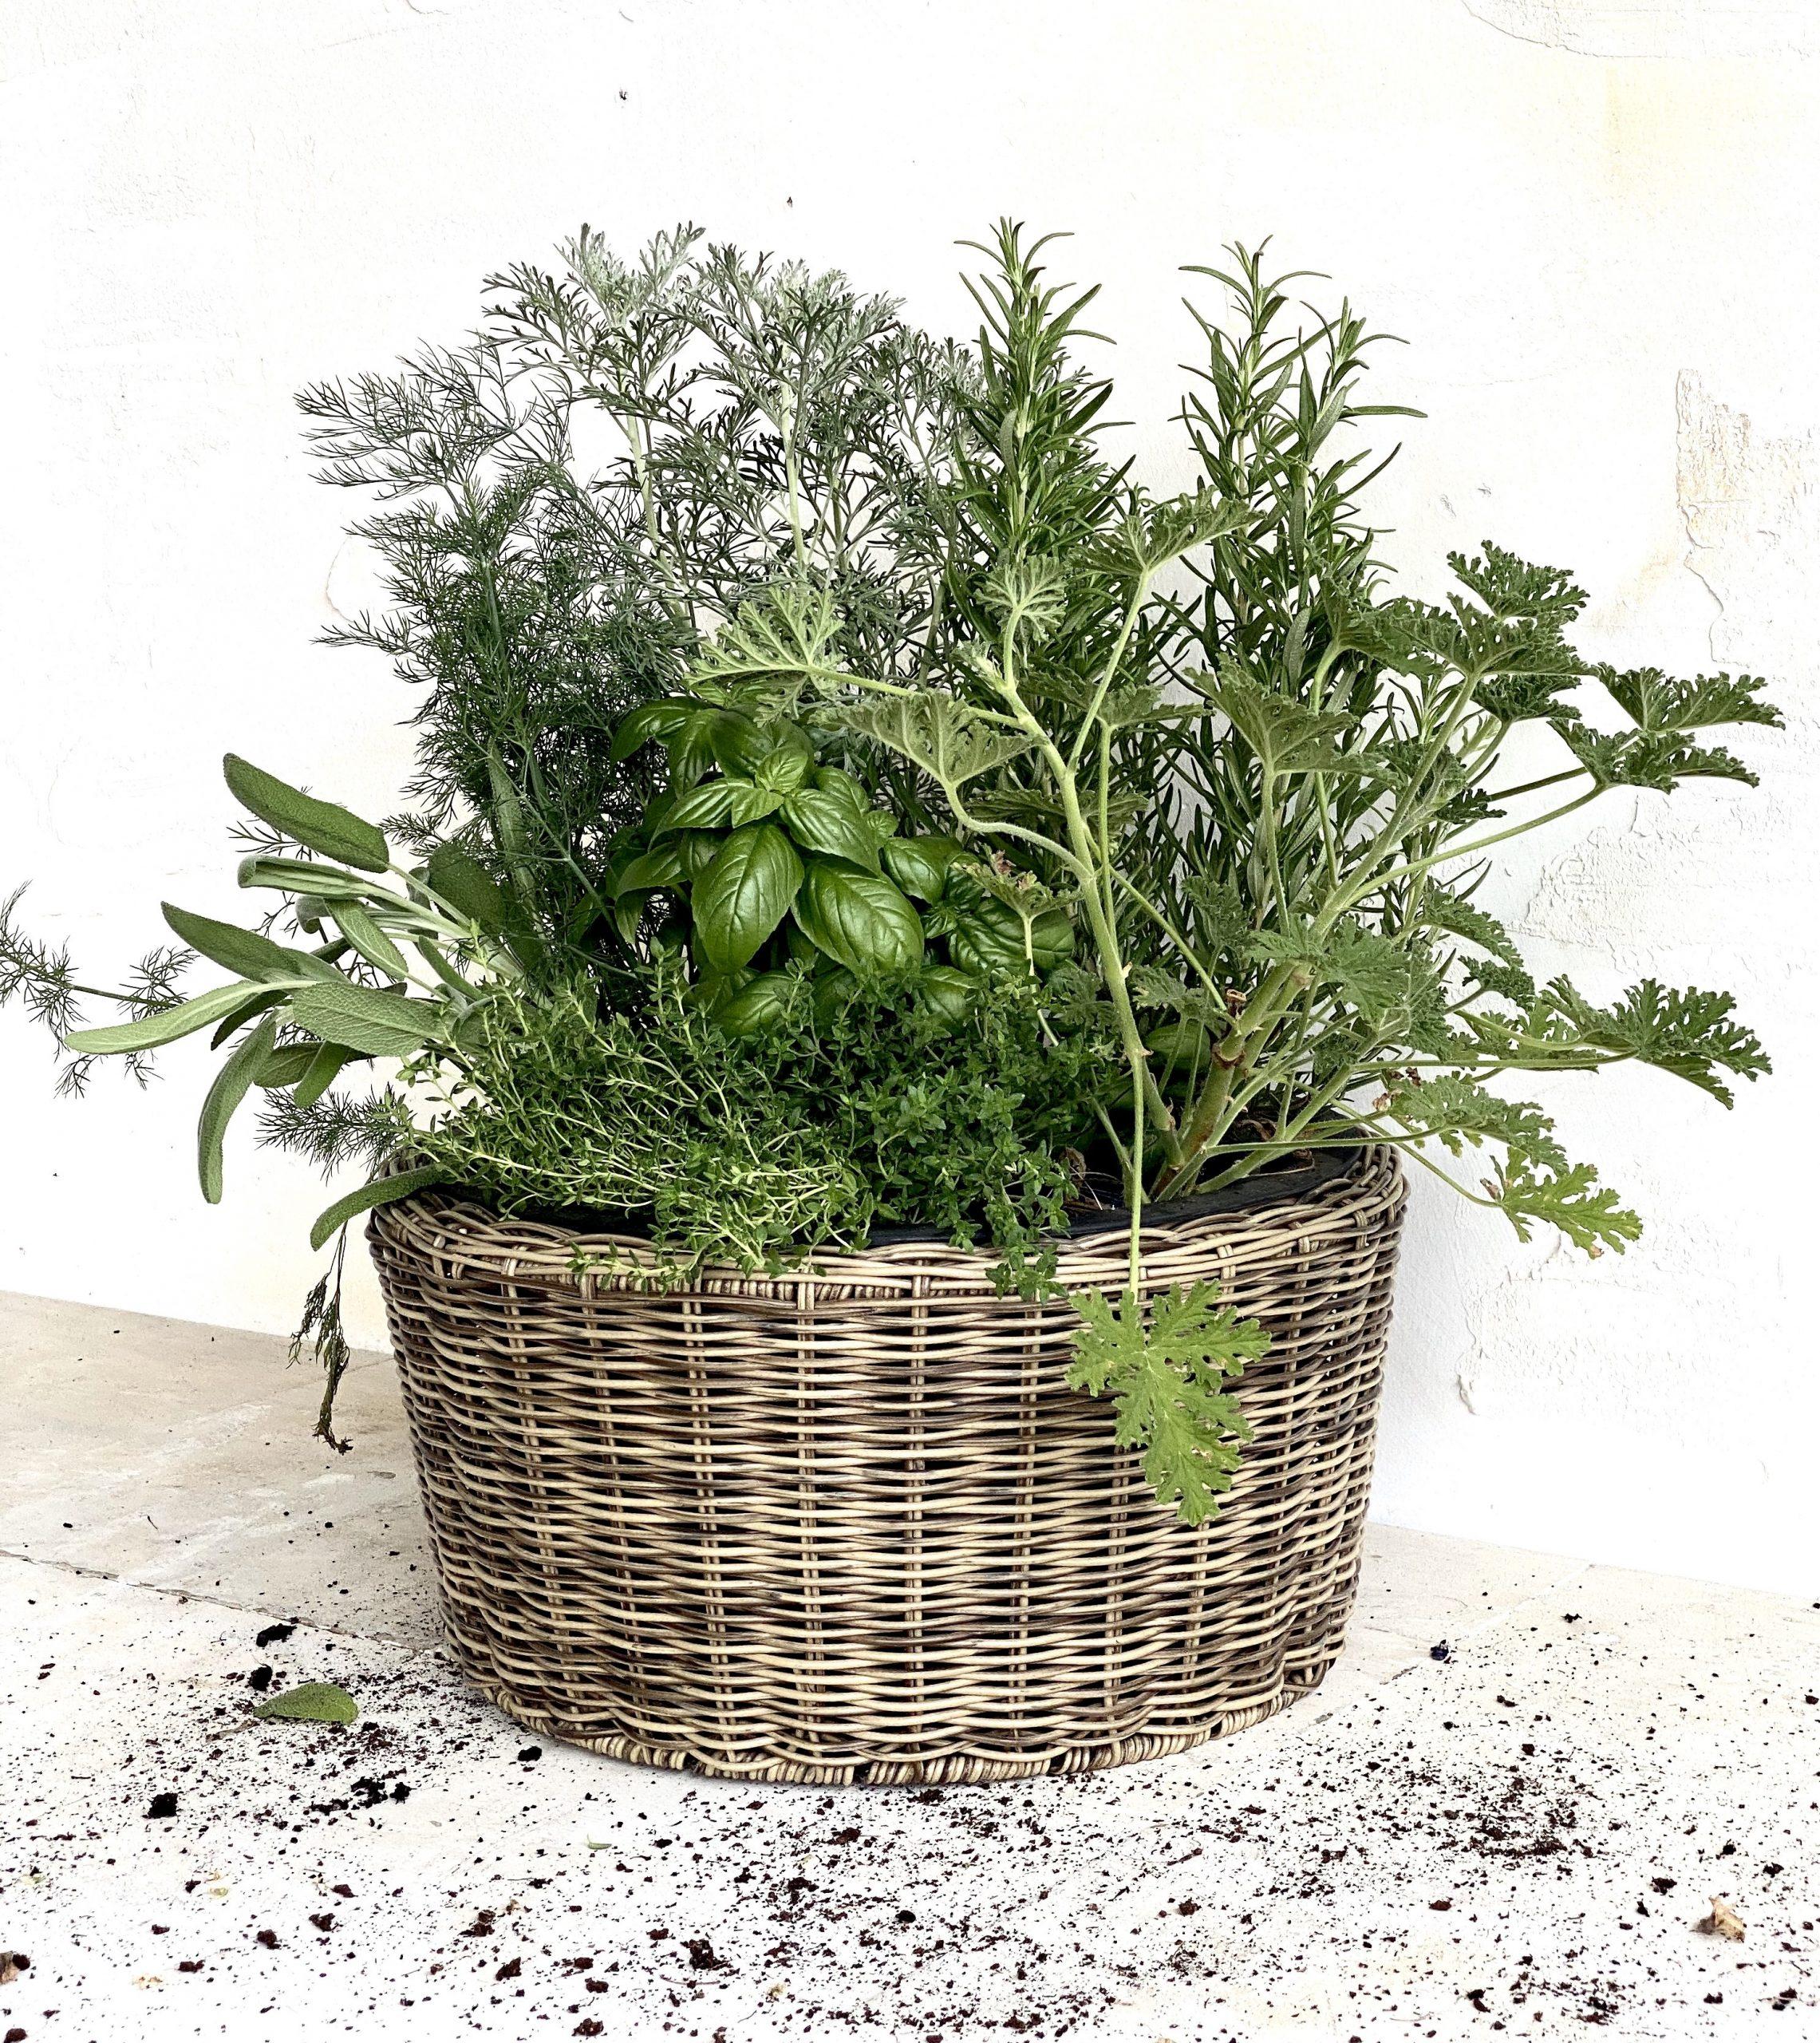 צמחי תבלין לשימוש ביתי מושלם כמתנה לעובדים